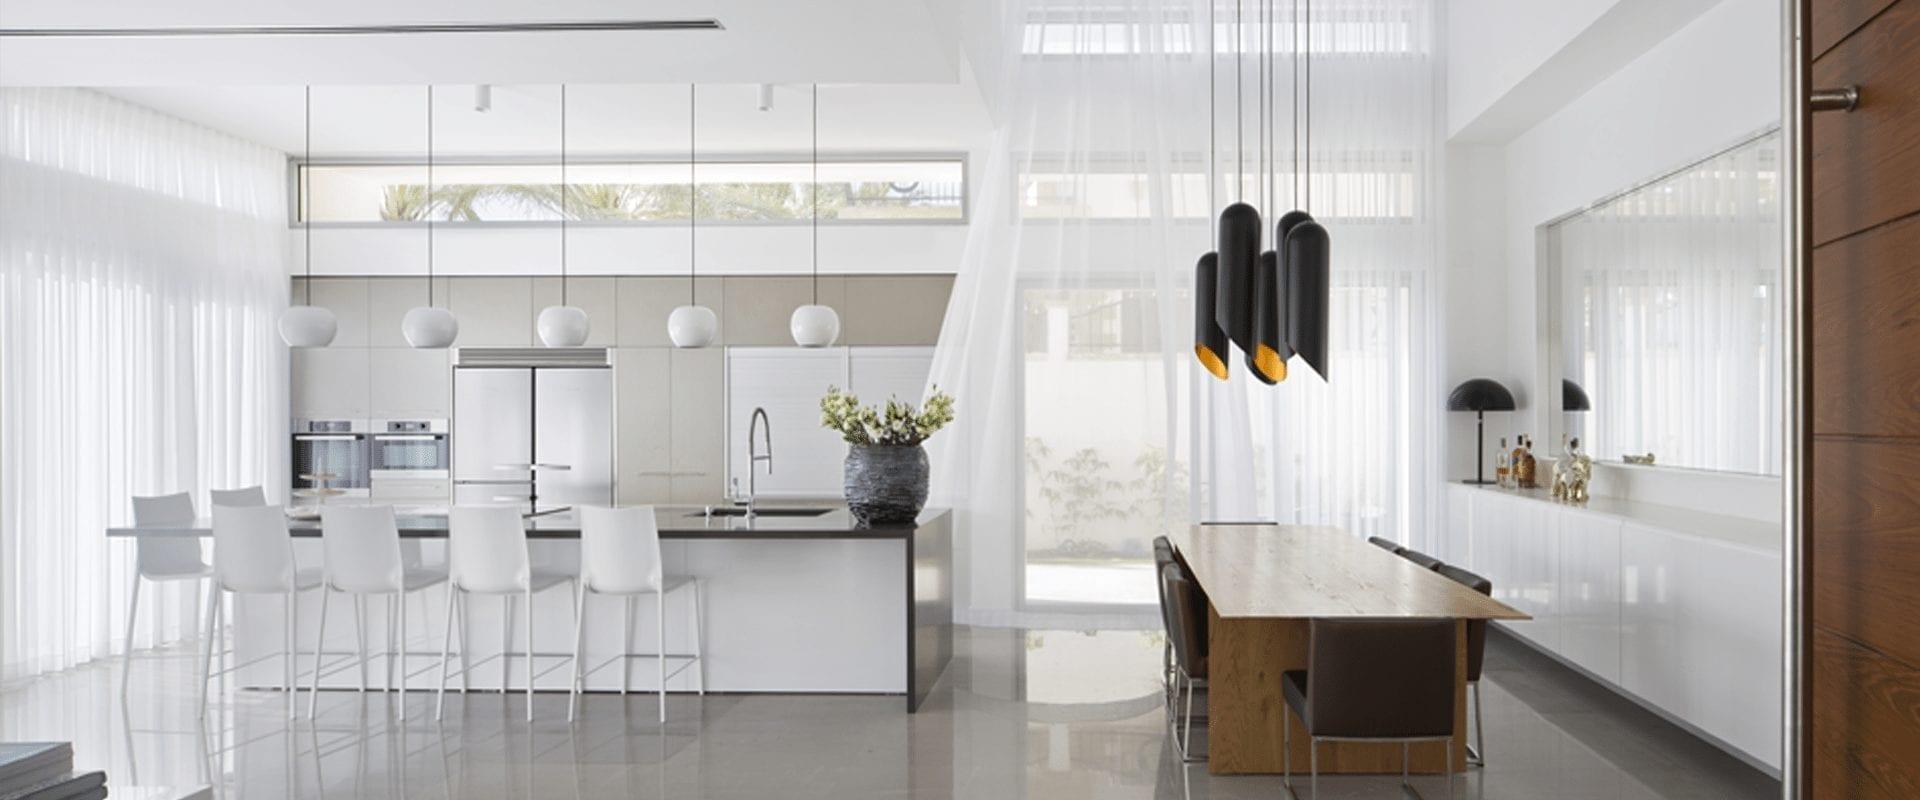 פורצלן למטבח לבן - דגם פורצלן נקי בצבע לבן